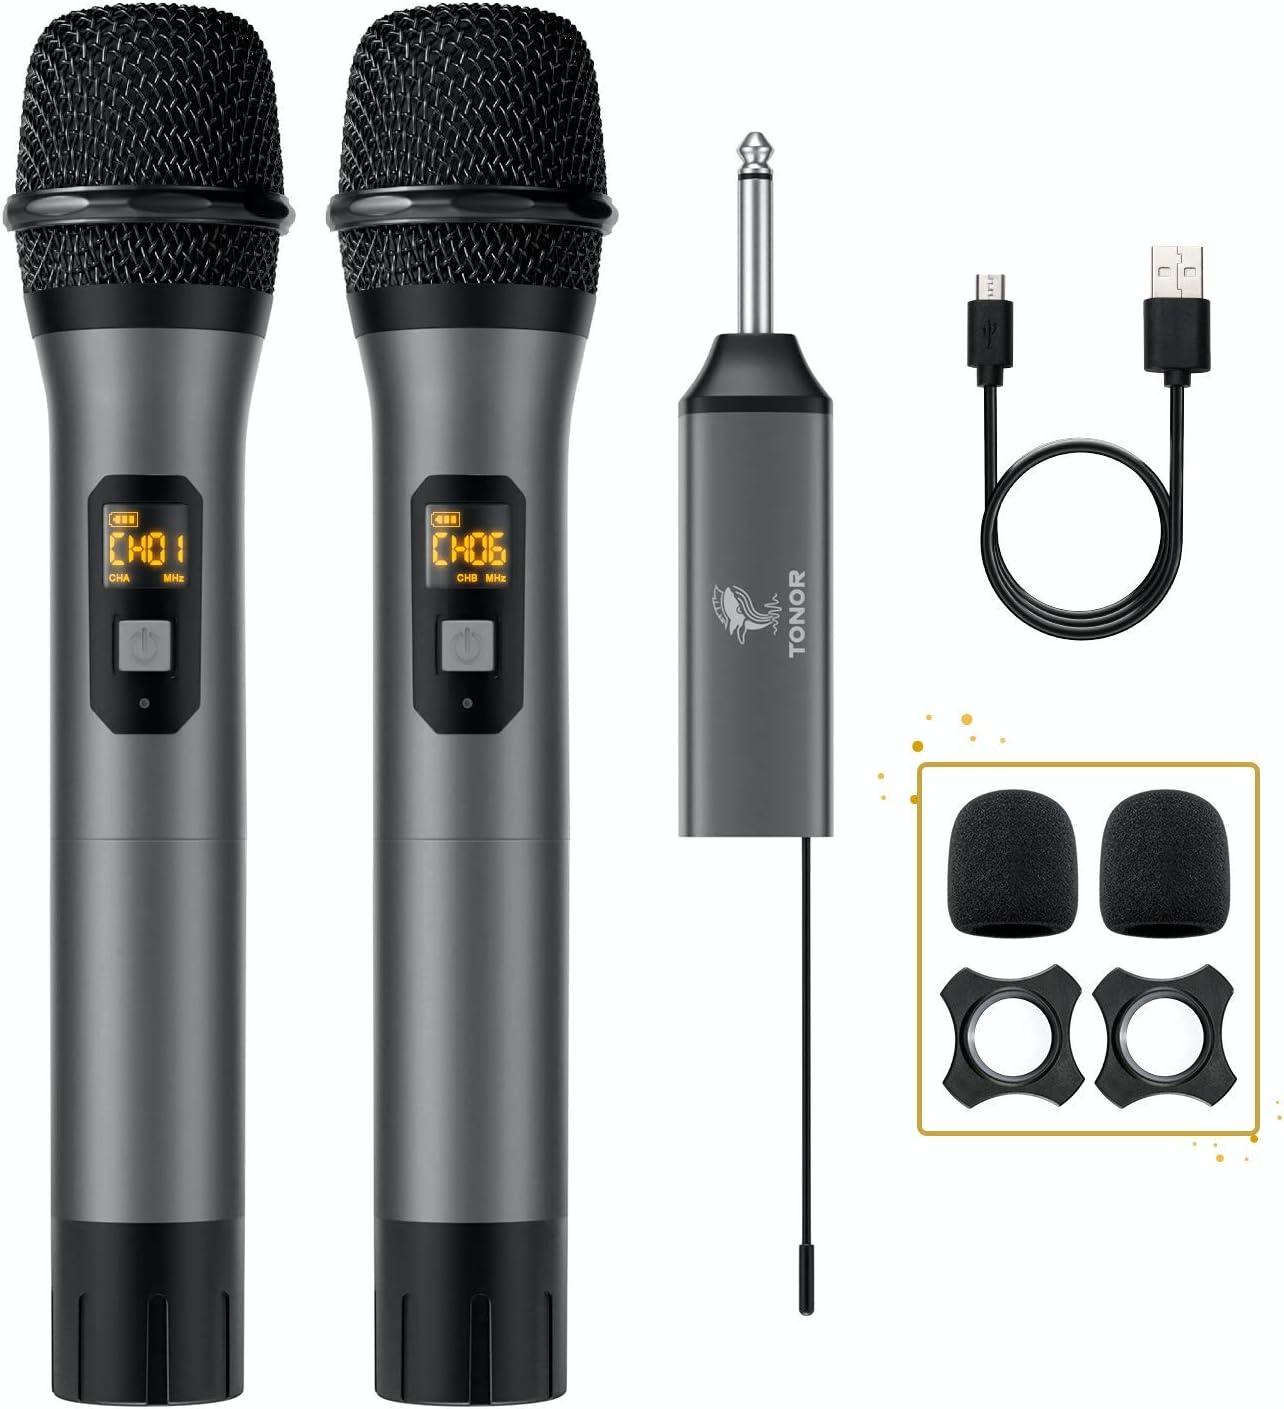 Micrófono Inalámbrico, TONOR UHF Sistema de Micrófono Dinámico de Metal Dual con Receptor Recargable, para Canto de Karaoke, KTV Casero, Reunión, Boda, DJ, Fiesta, Discurso, Iglesia, 60m (TW-630)